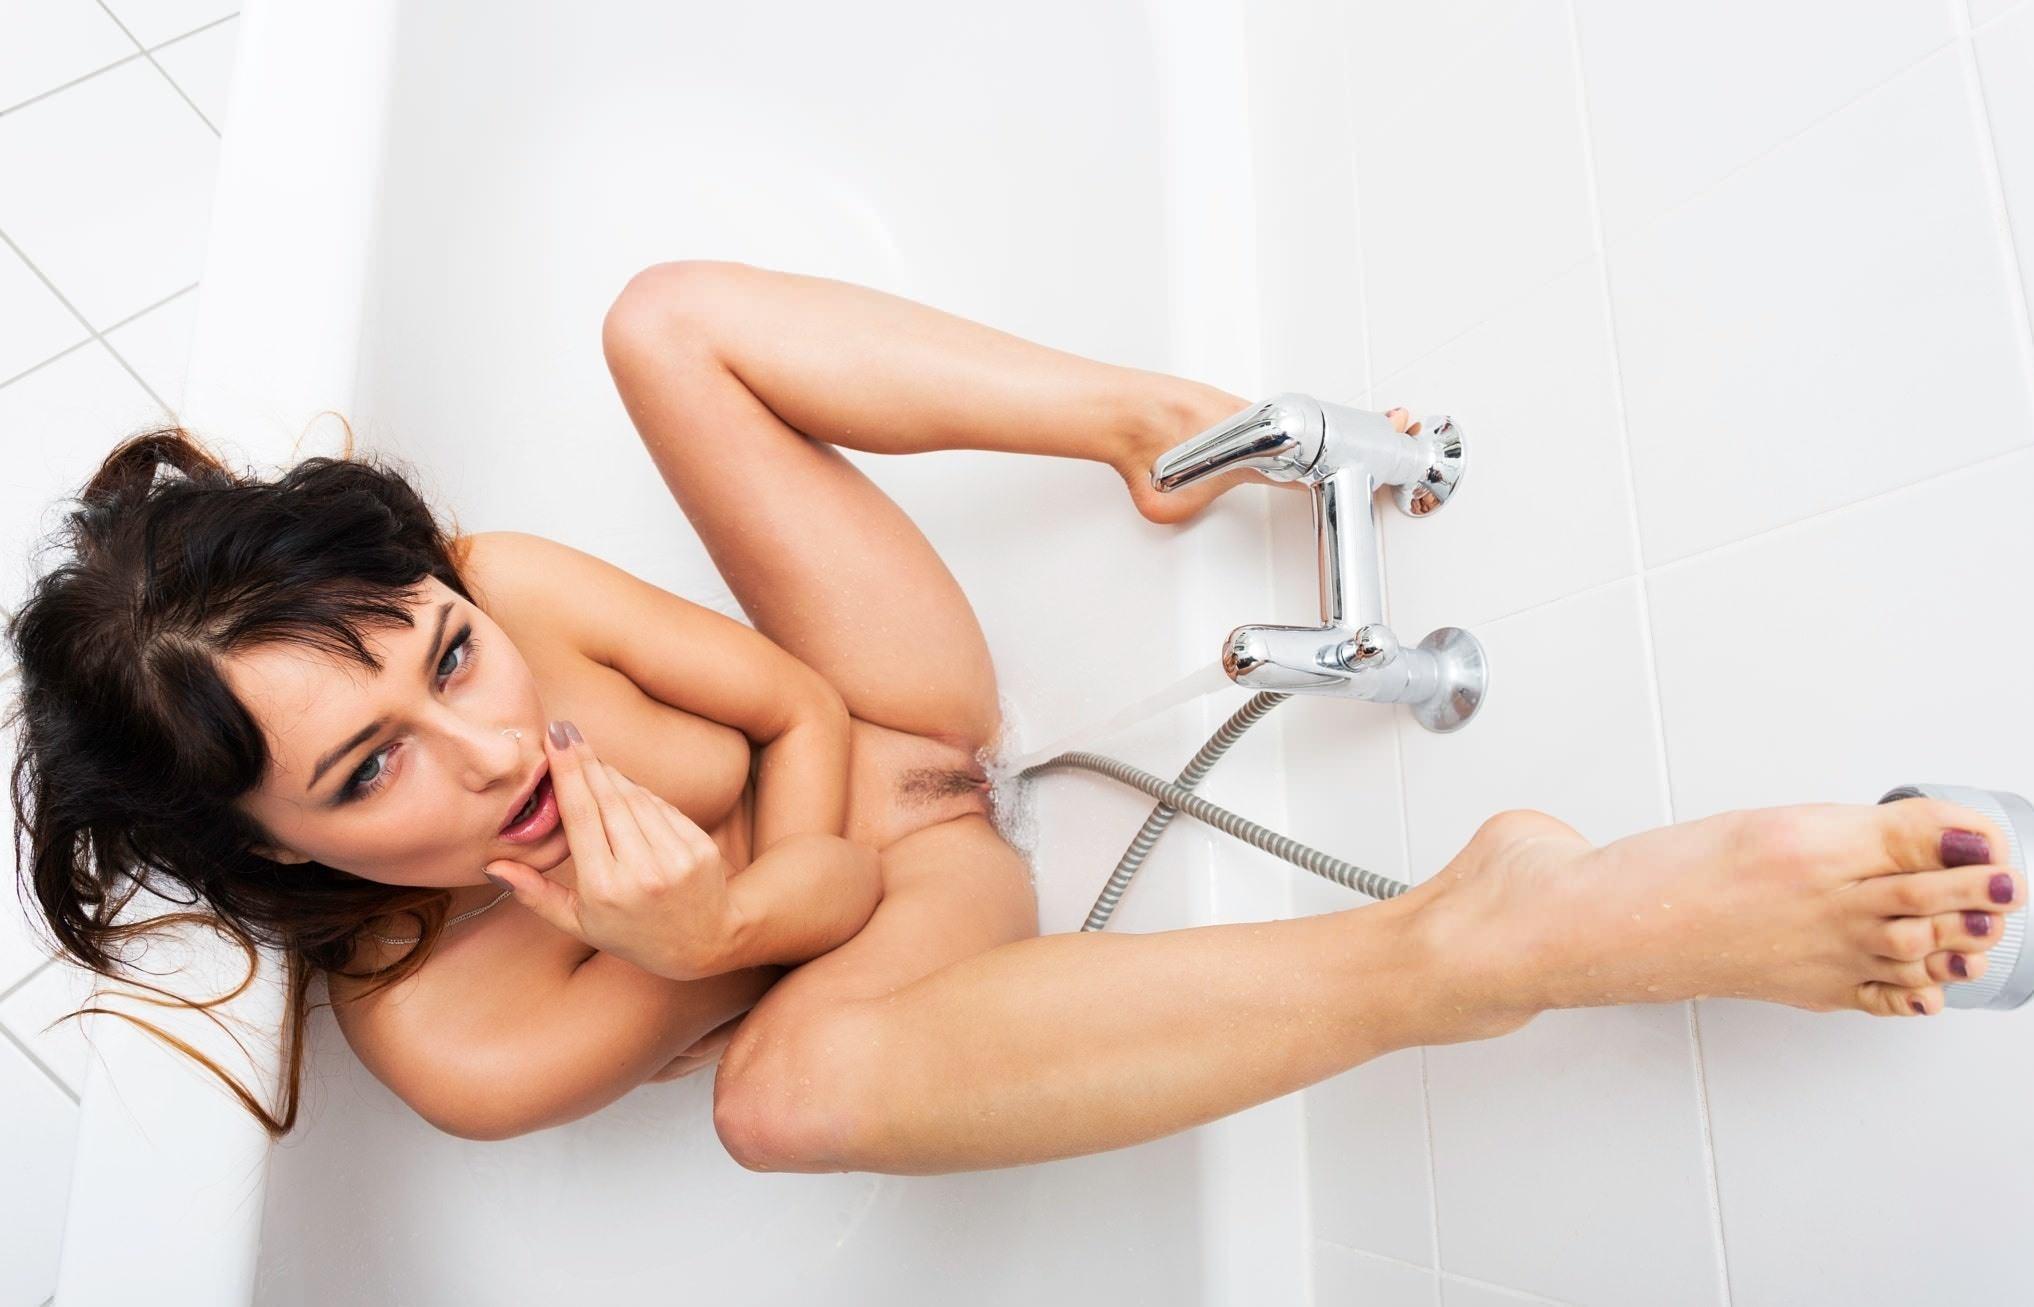 Фото Возбужденная голая девушка в ванной, струя воды массирует пизду, скачать картинку бесплатно